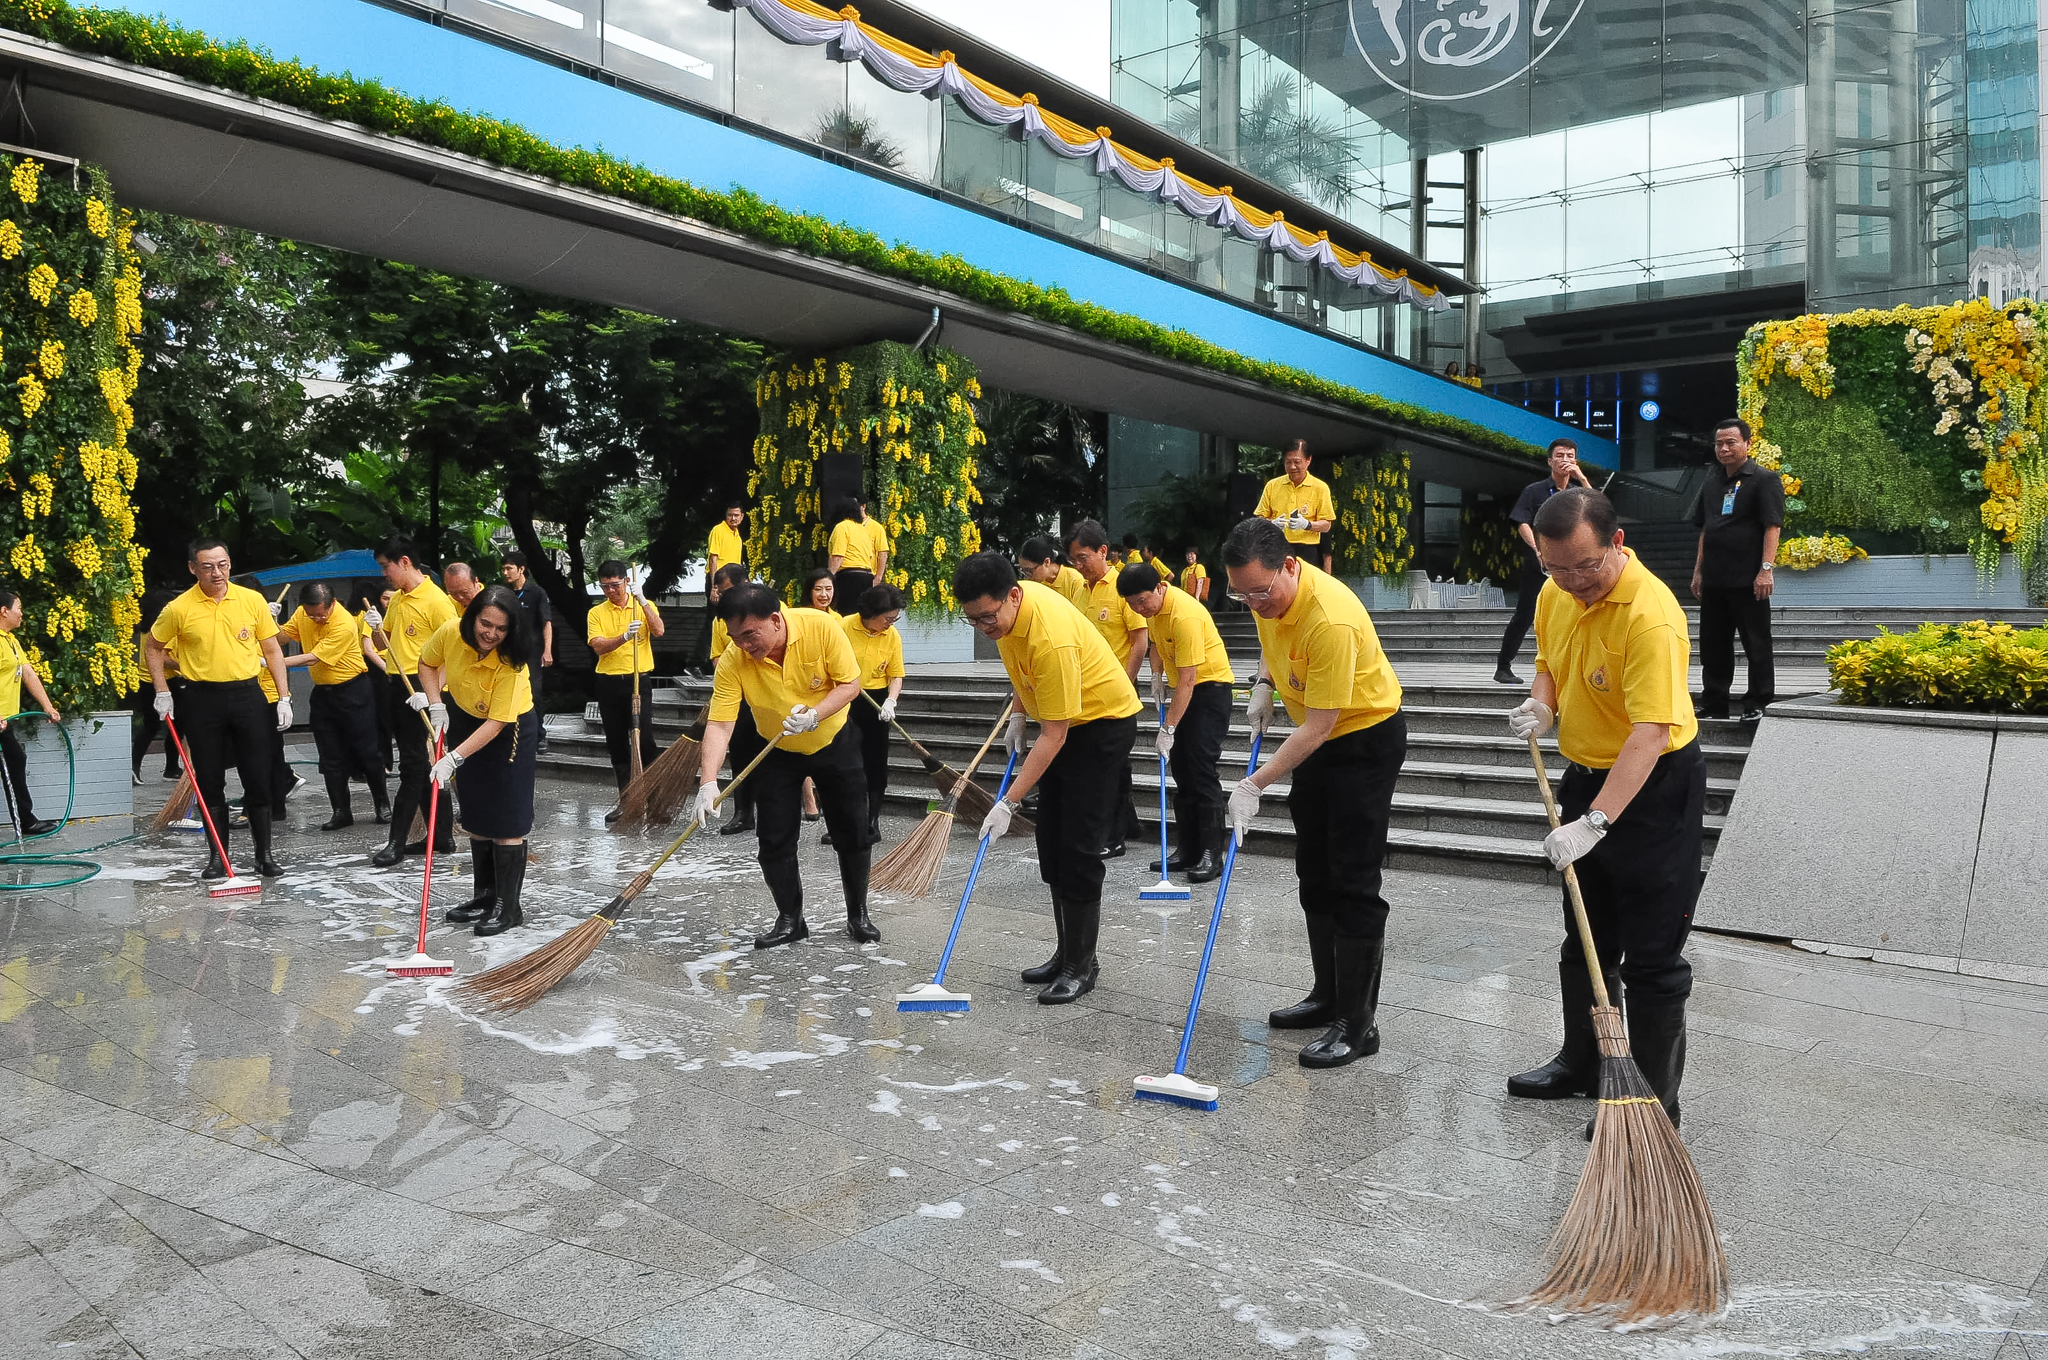 กรุงไทยจัดกิจกรรมเฉลิมพระเกียรติ วันเฉลิมพระชนมพรรษาในหลวงรัชกาลที่ 10